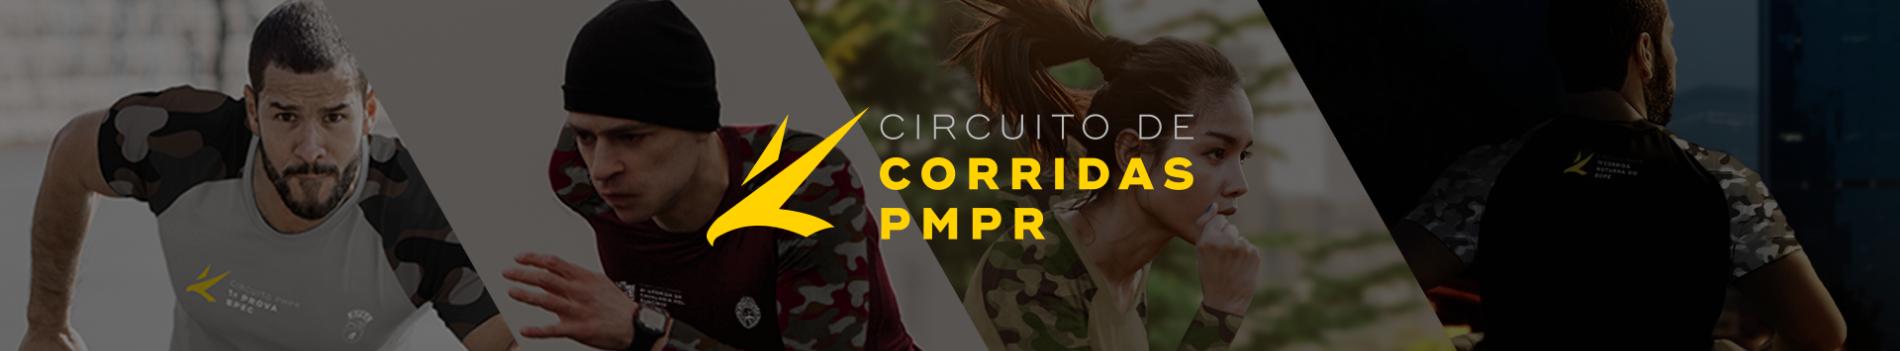 CIRCUITO PMPR - COMBO ETAPAS - Imagem de topo